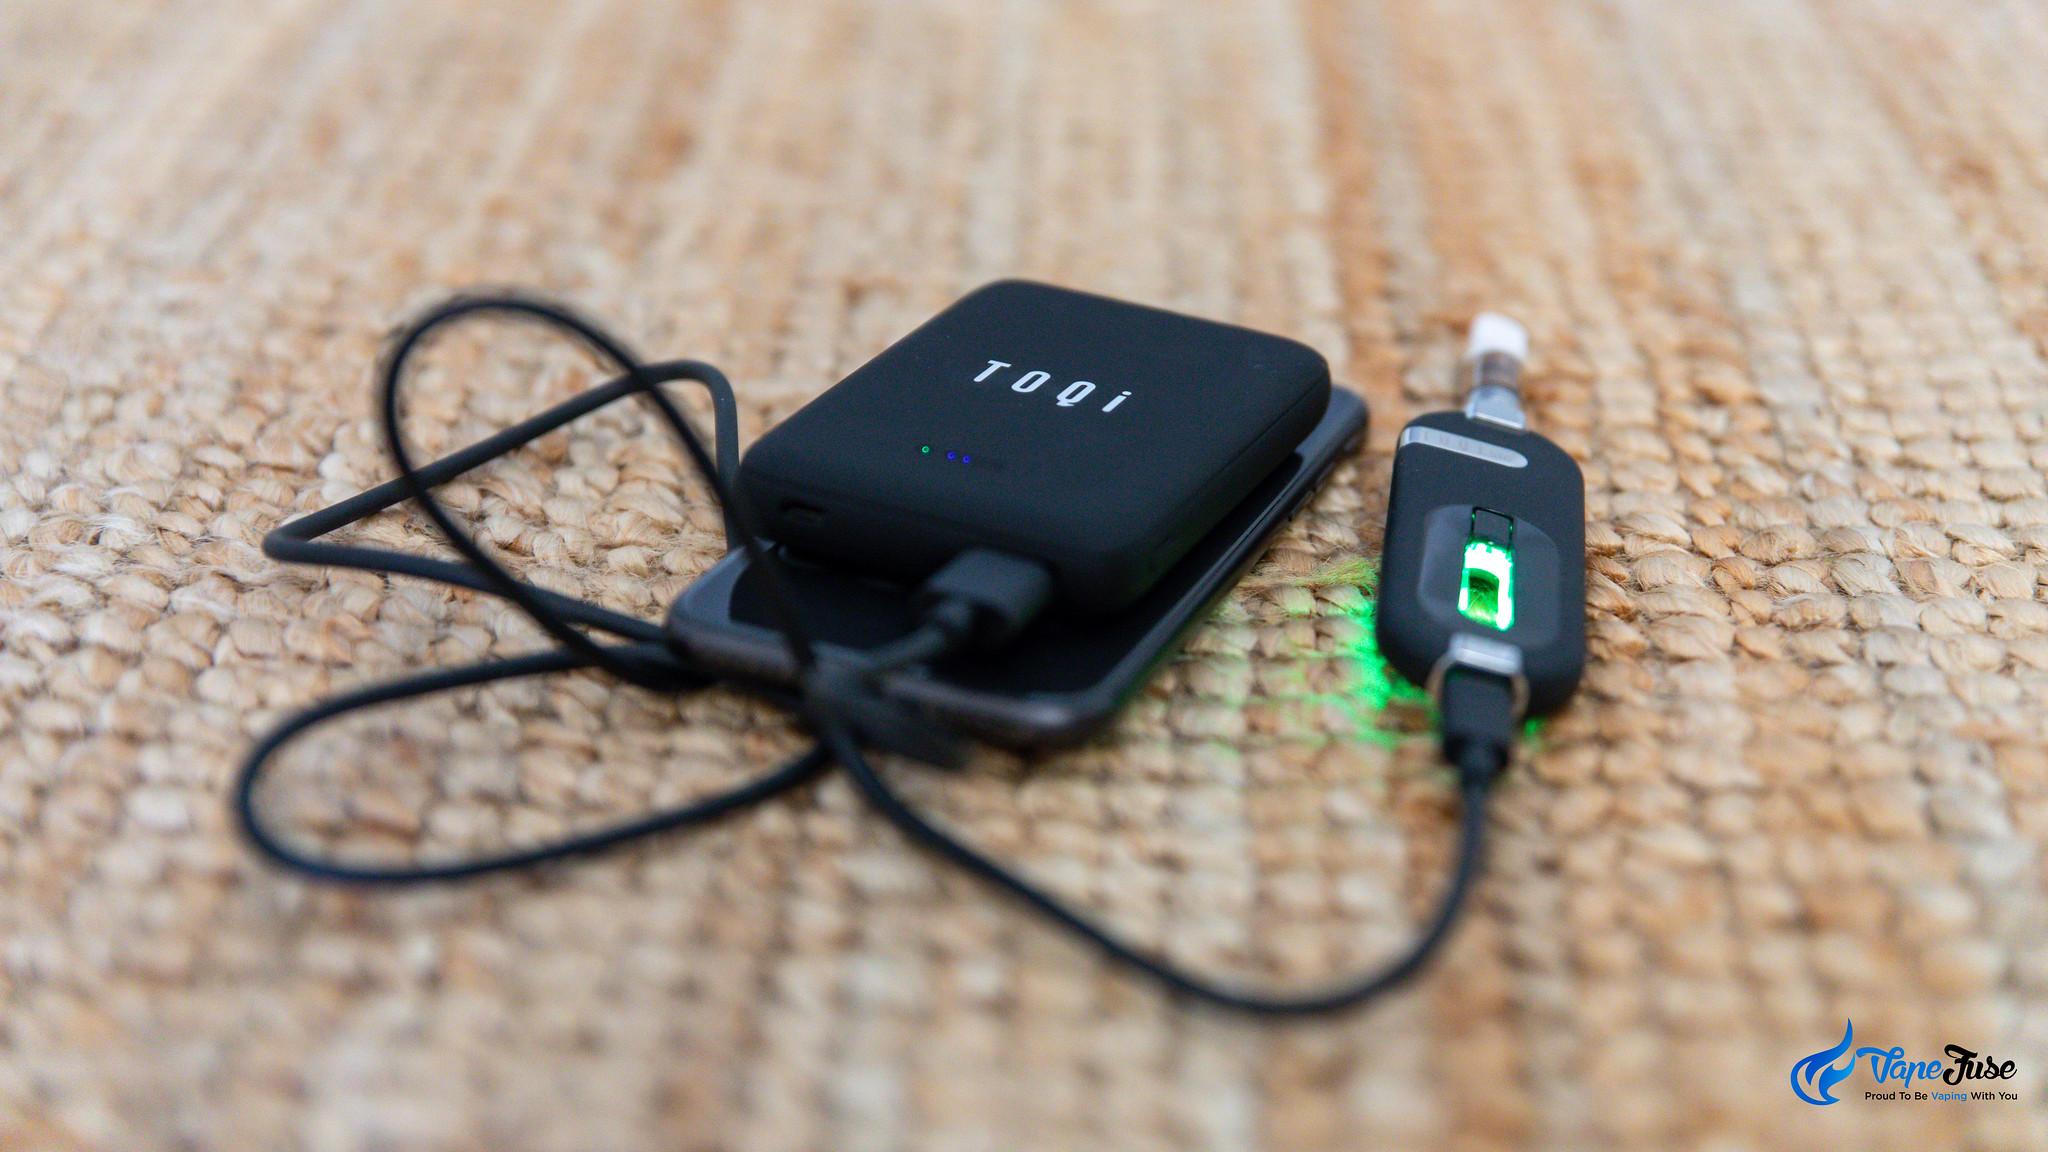 Toqi 510 vape on charger